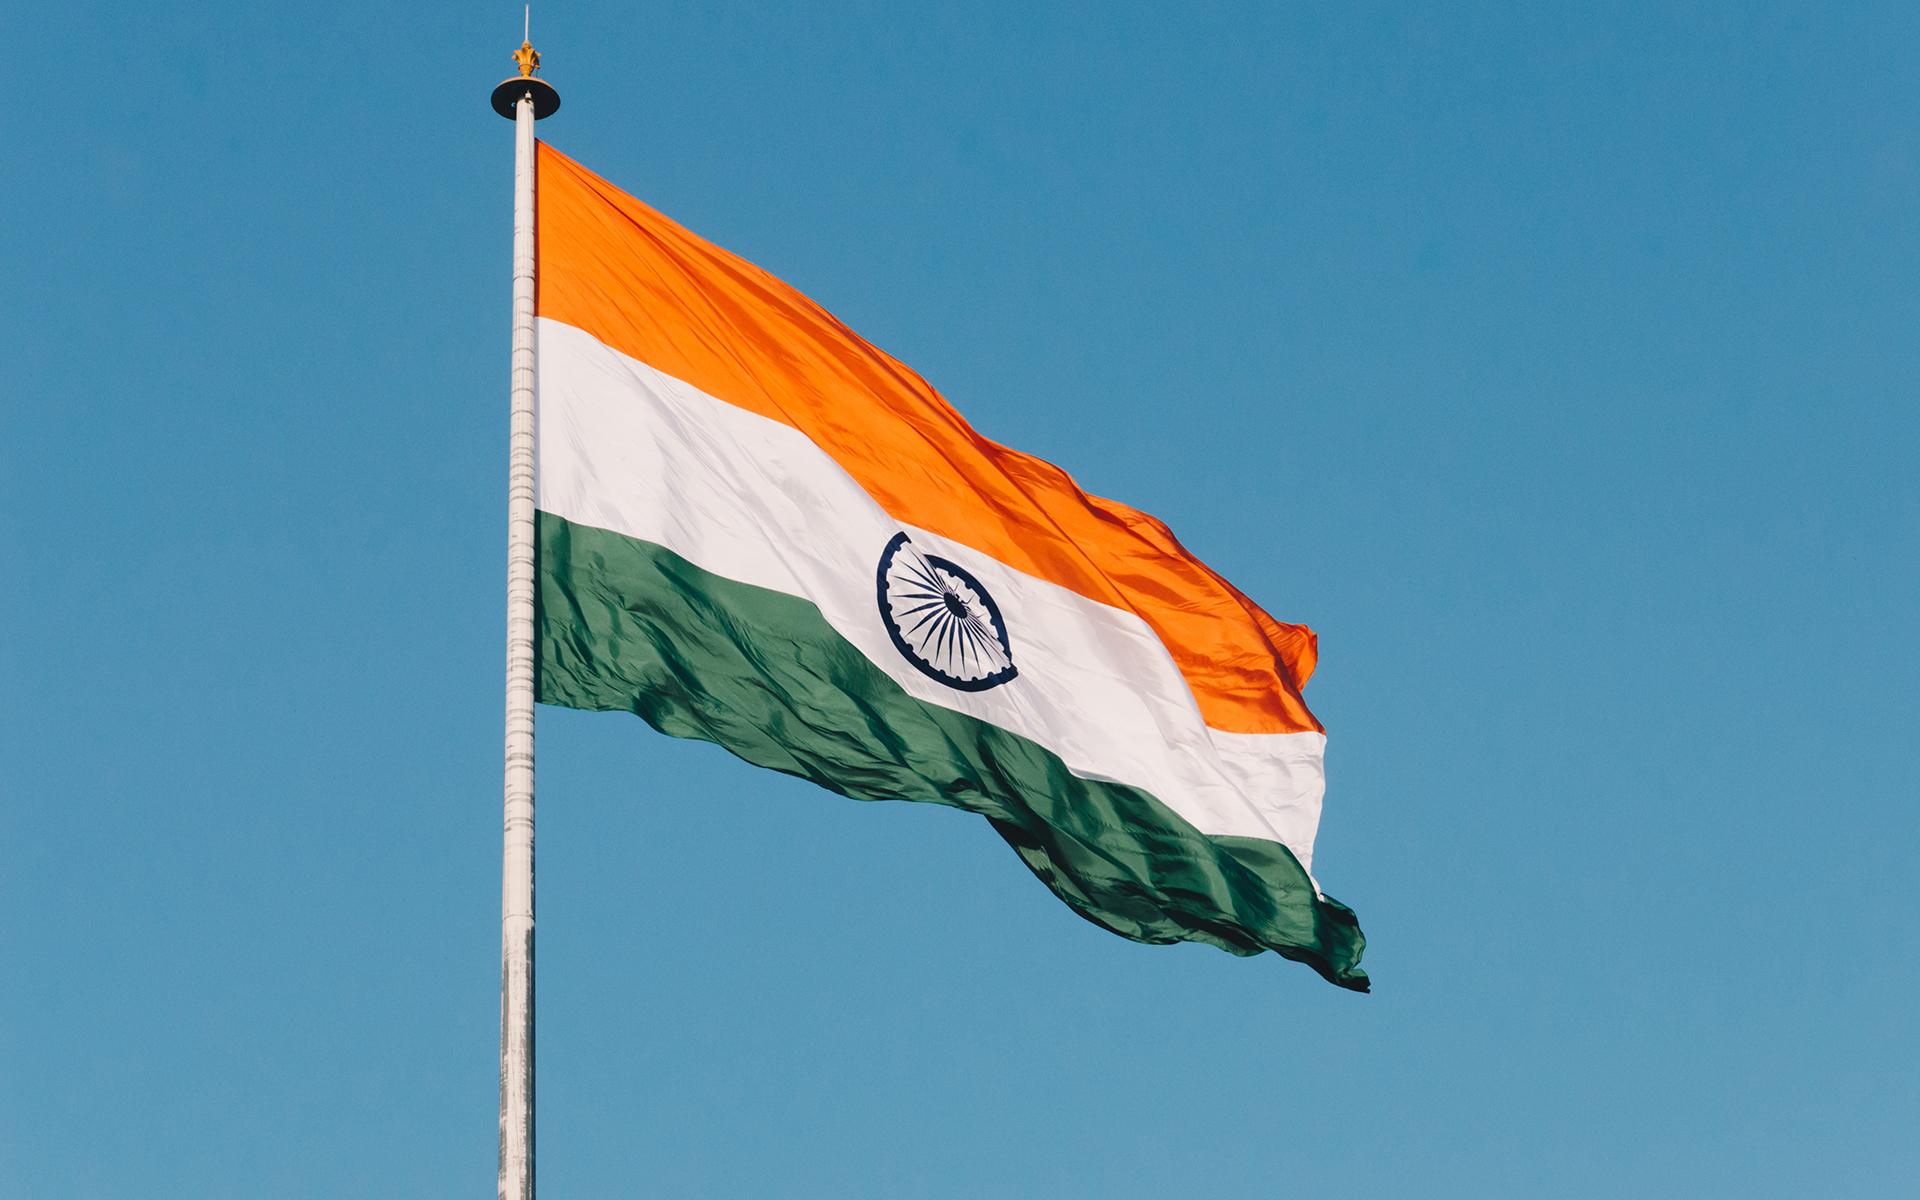 """Featured image for """"Indien: Regierungsprogramm im Wert von 20 Mrd. EUR als Produktionsanreiz für ausländische Unternehmen"""""""